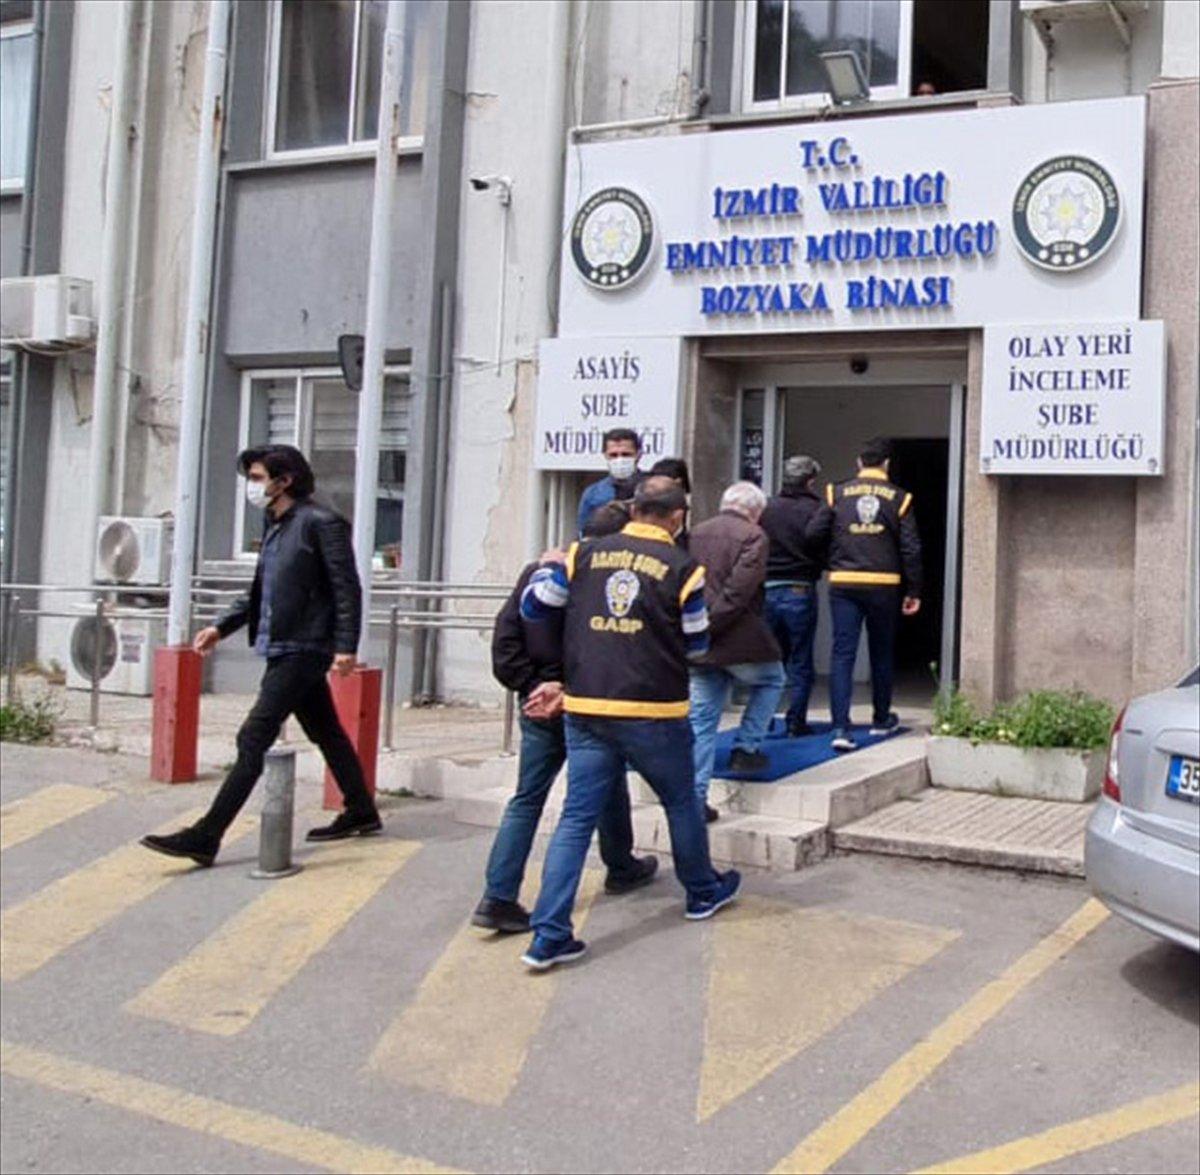 İzmir depremi soruşturması: 22 gözaltı kararı #3